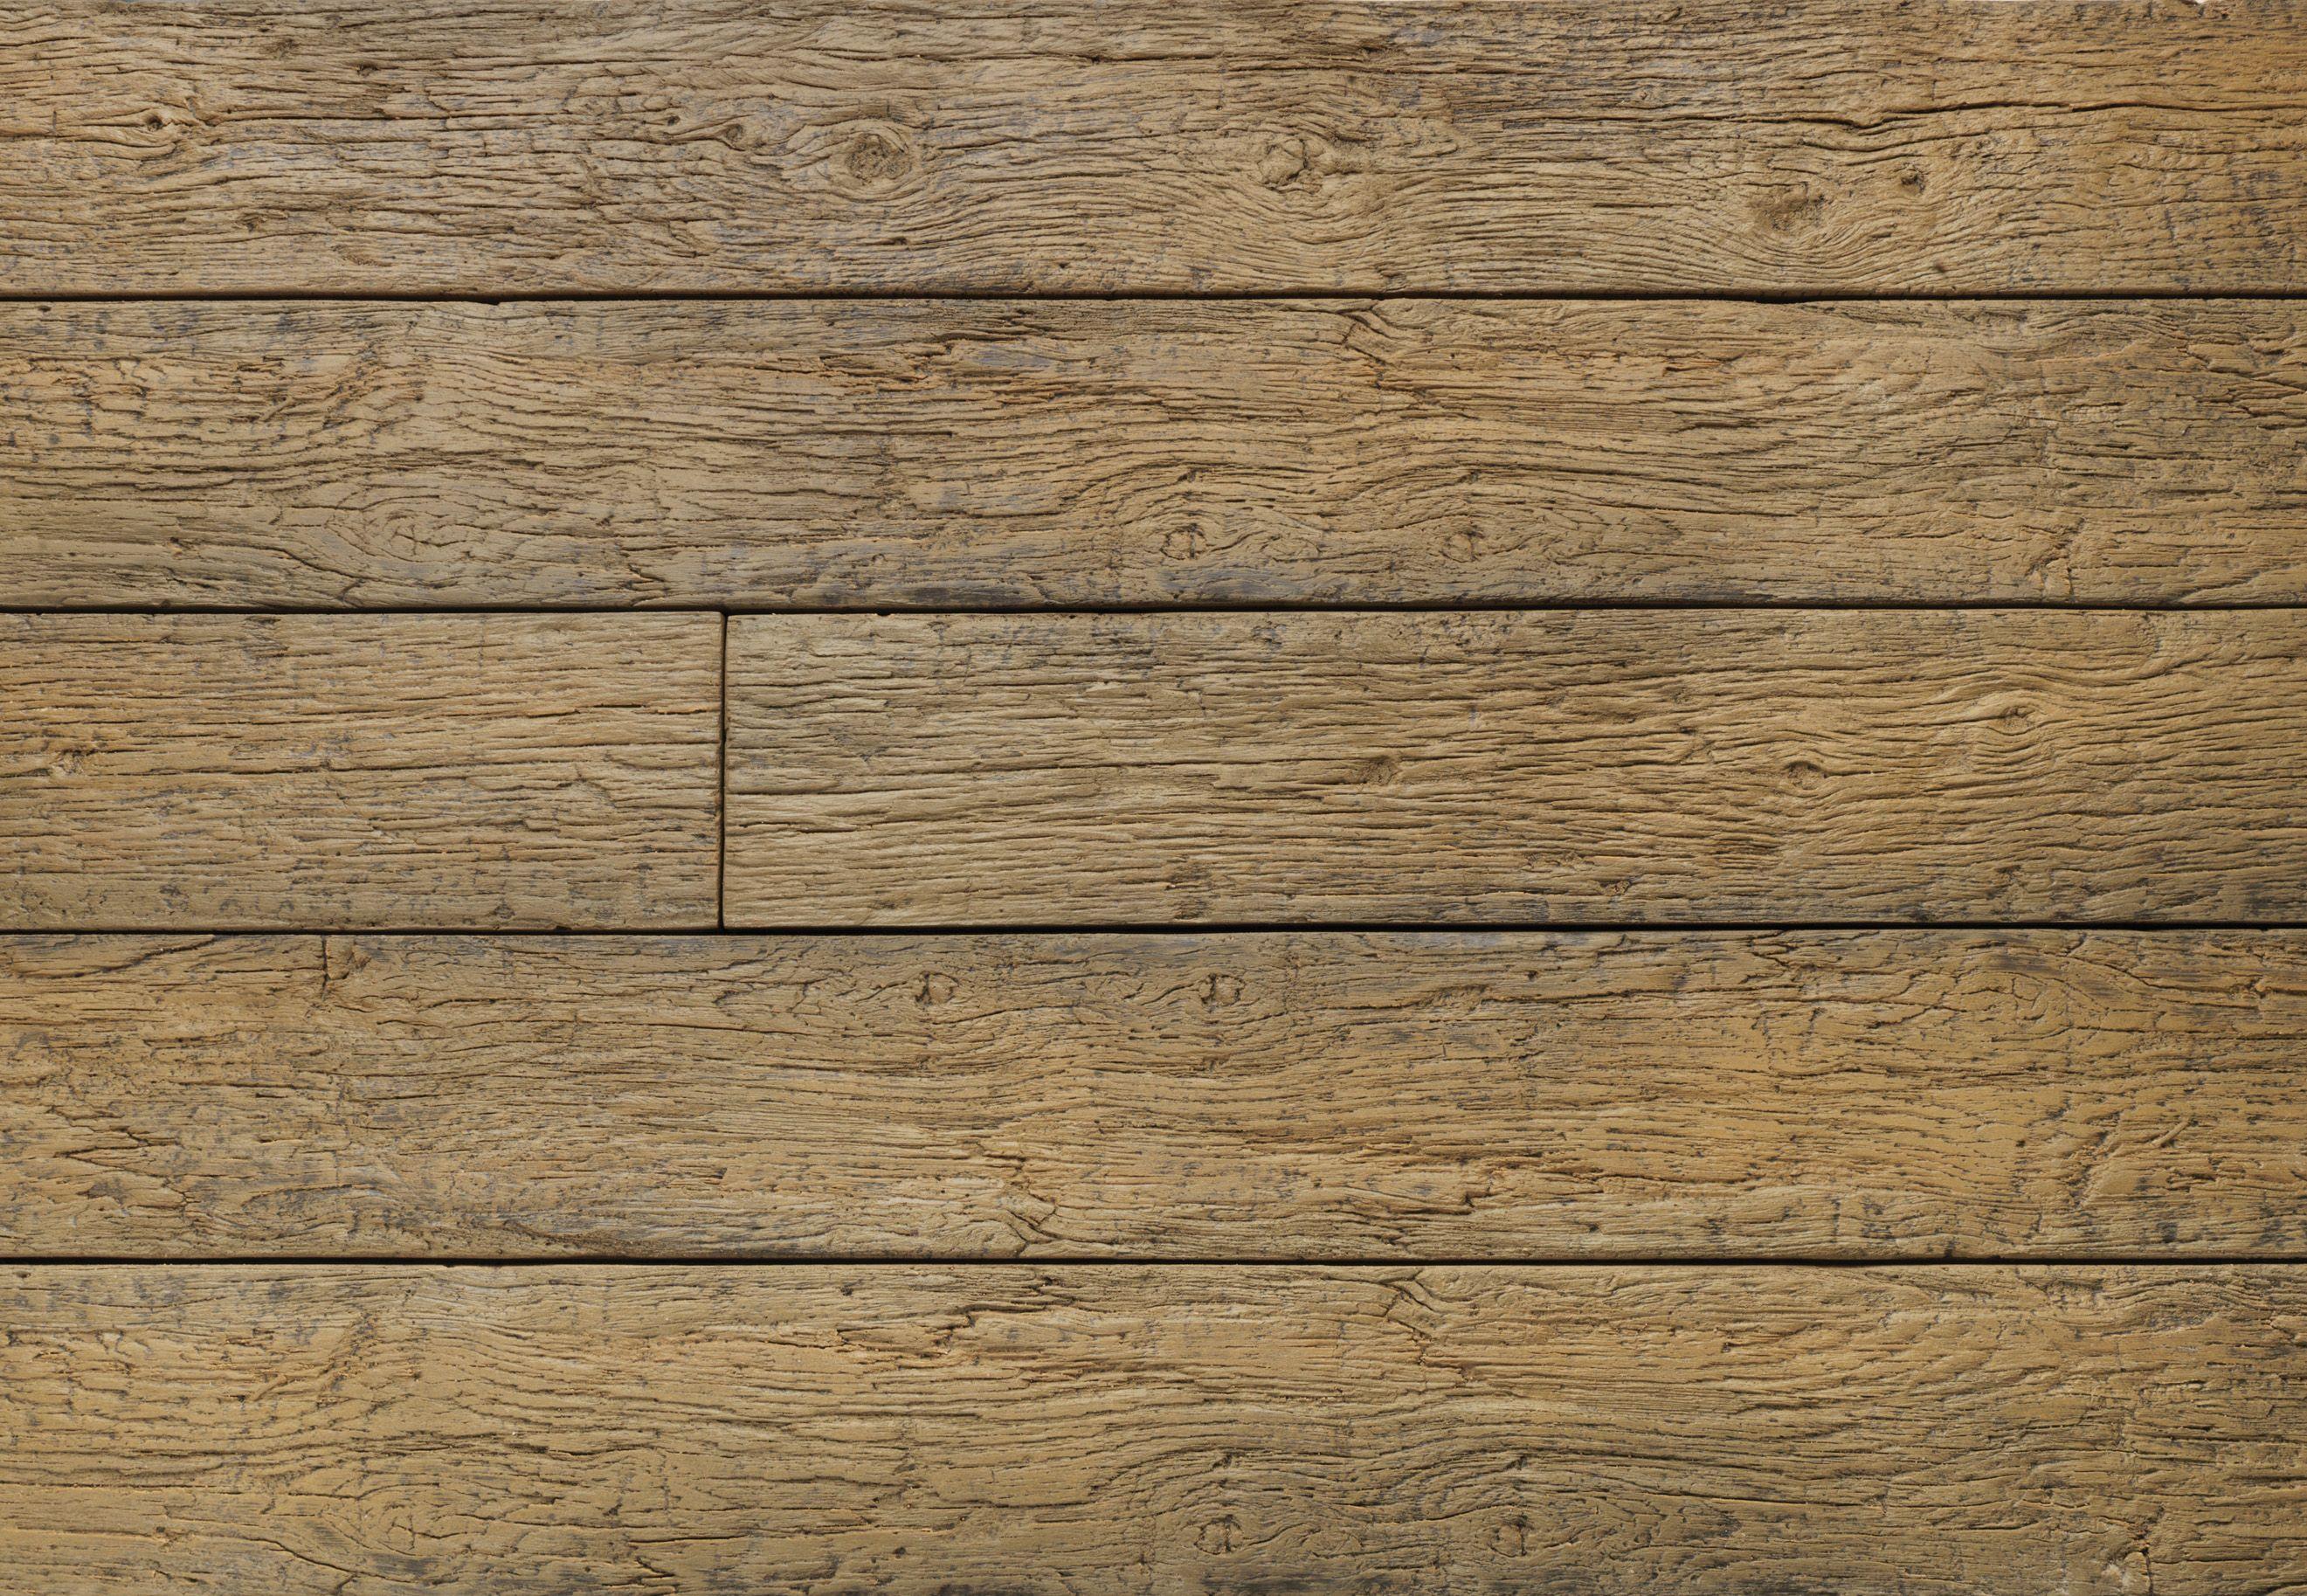 Oude Eiken Vloer : Buitenvloer oud eiken bruin plank cm de tuinen